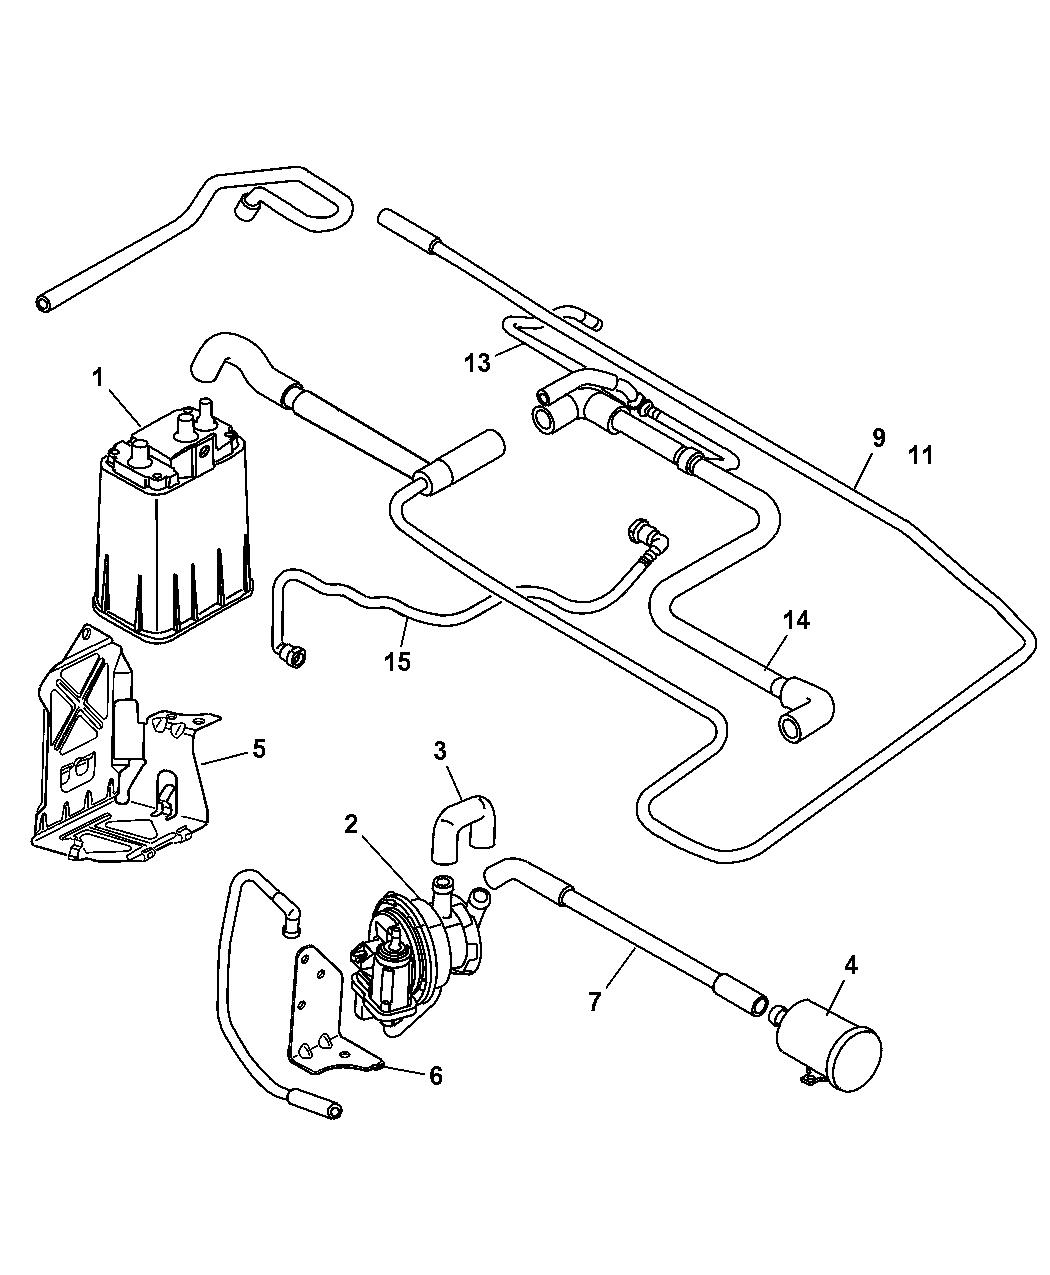 2005 Chrysler PT Cruiser Vapor Canister & Leak Detection Pump